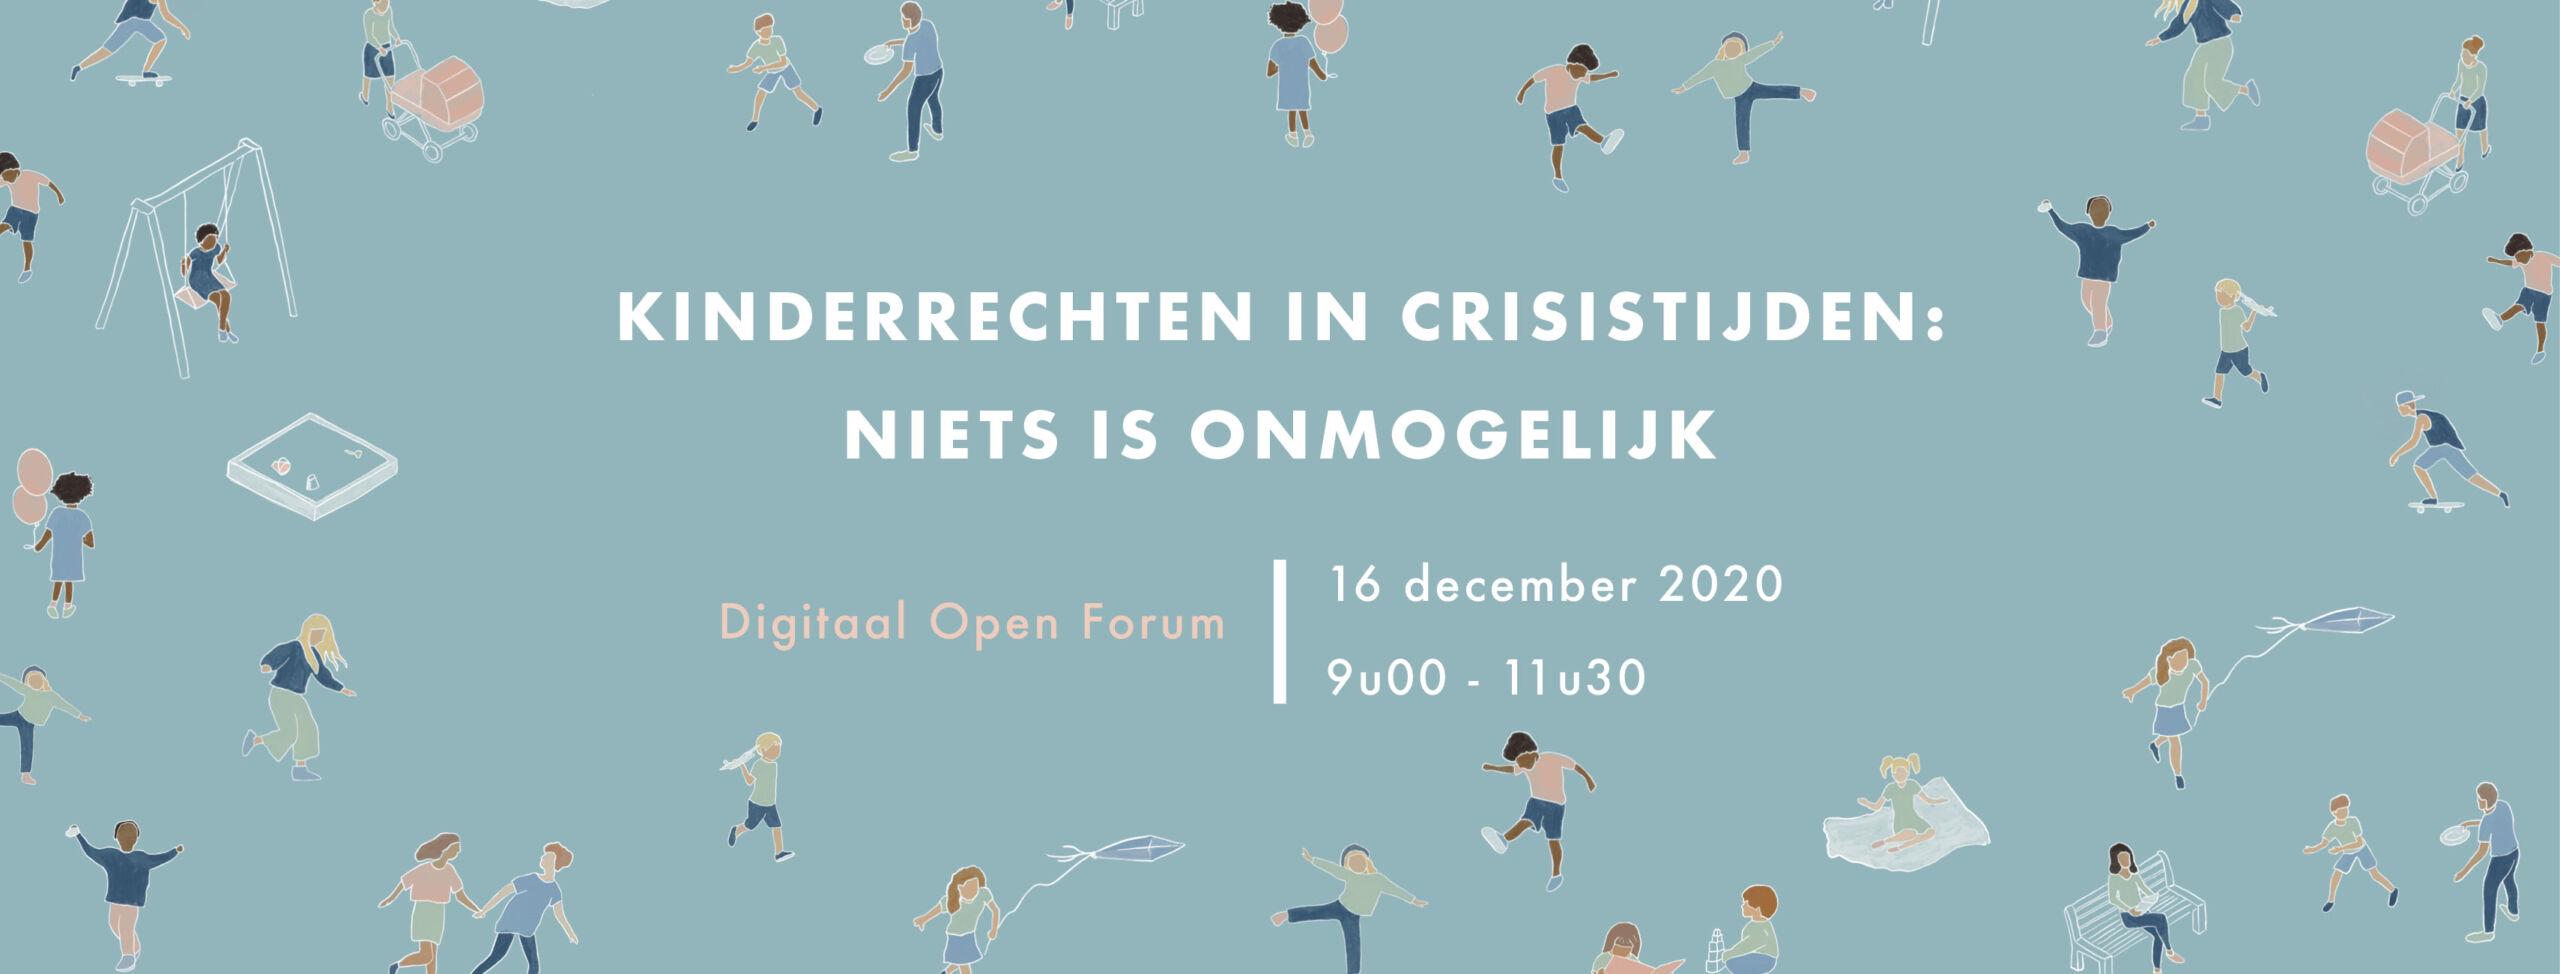 Digitaal open forum: Kinderrechten in crisistijden, niets is onmogelijk. Kinderrechtencoalitie Vlaanderen.